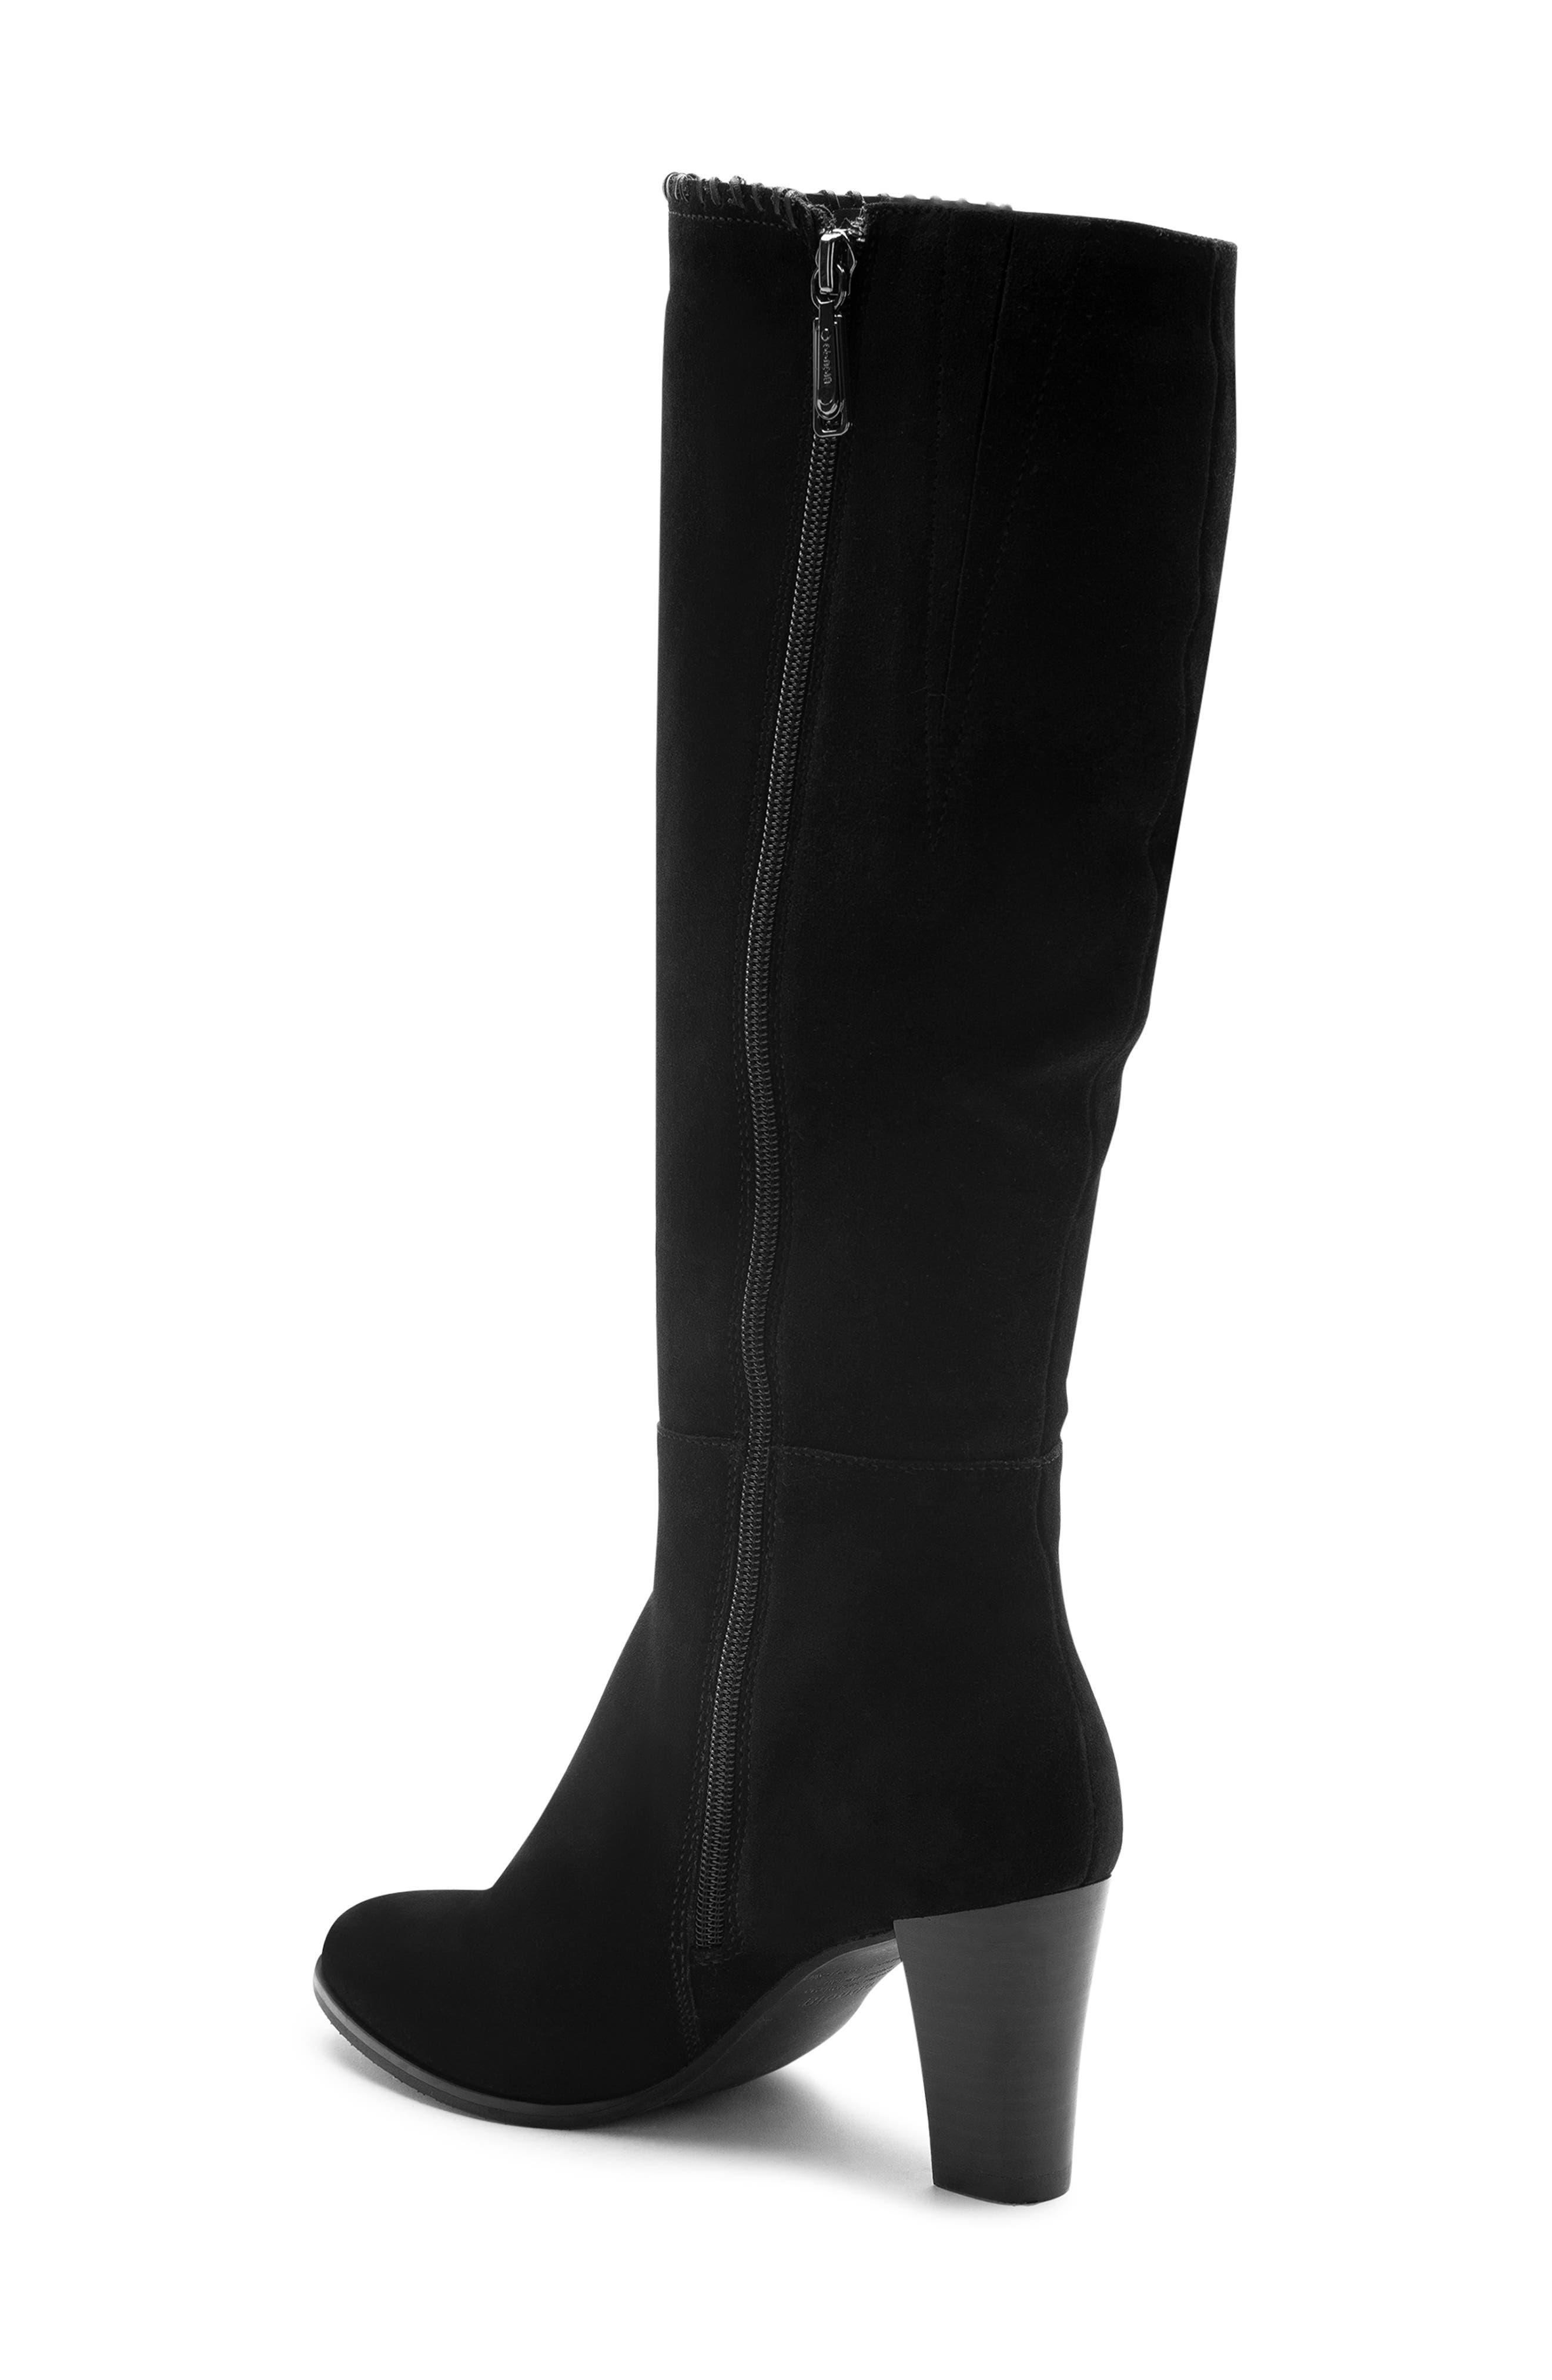 Edith Knee-High Waterproof Suede Boot,                             Alternate thumbnail 2, color,                             Black Suede